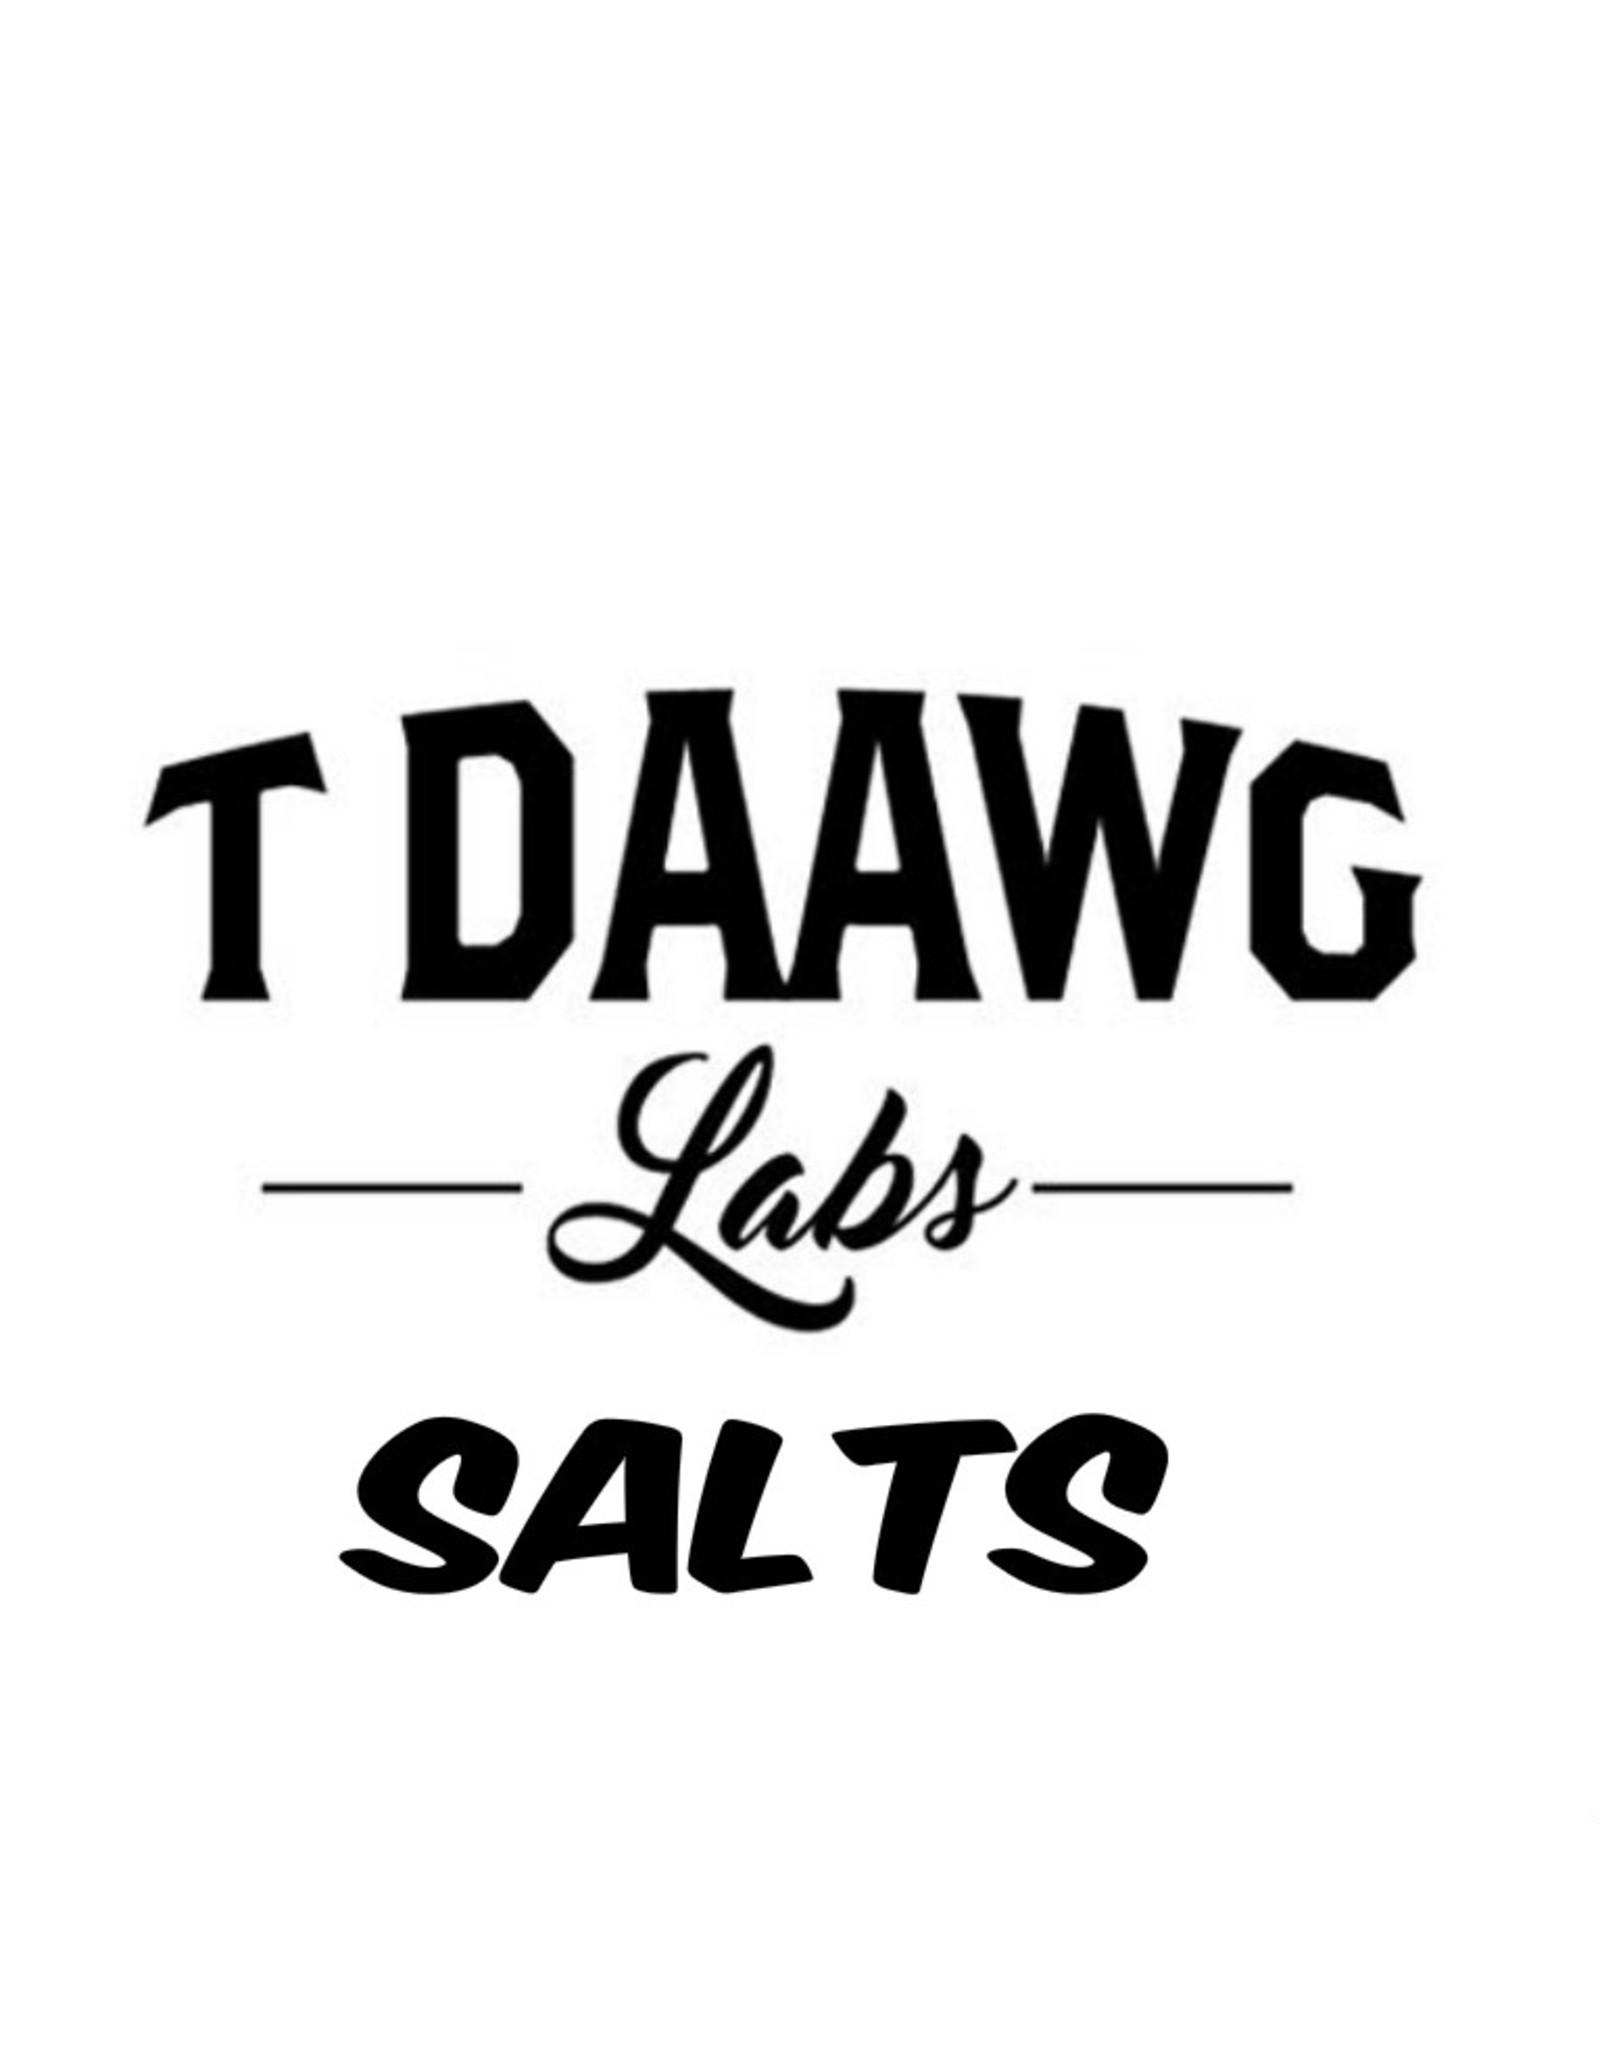 Big Daawg Salts